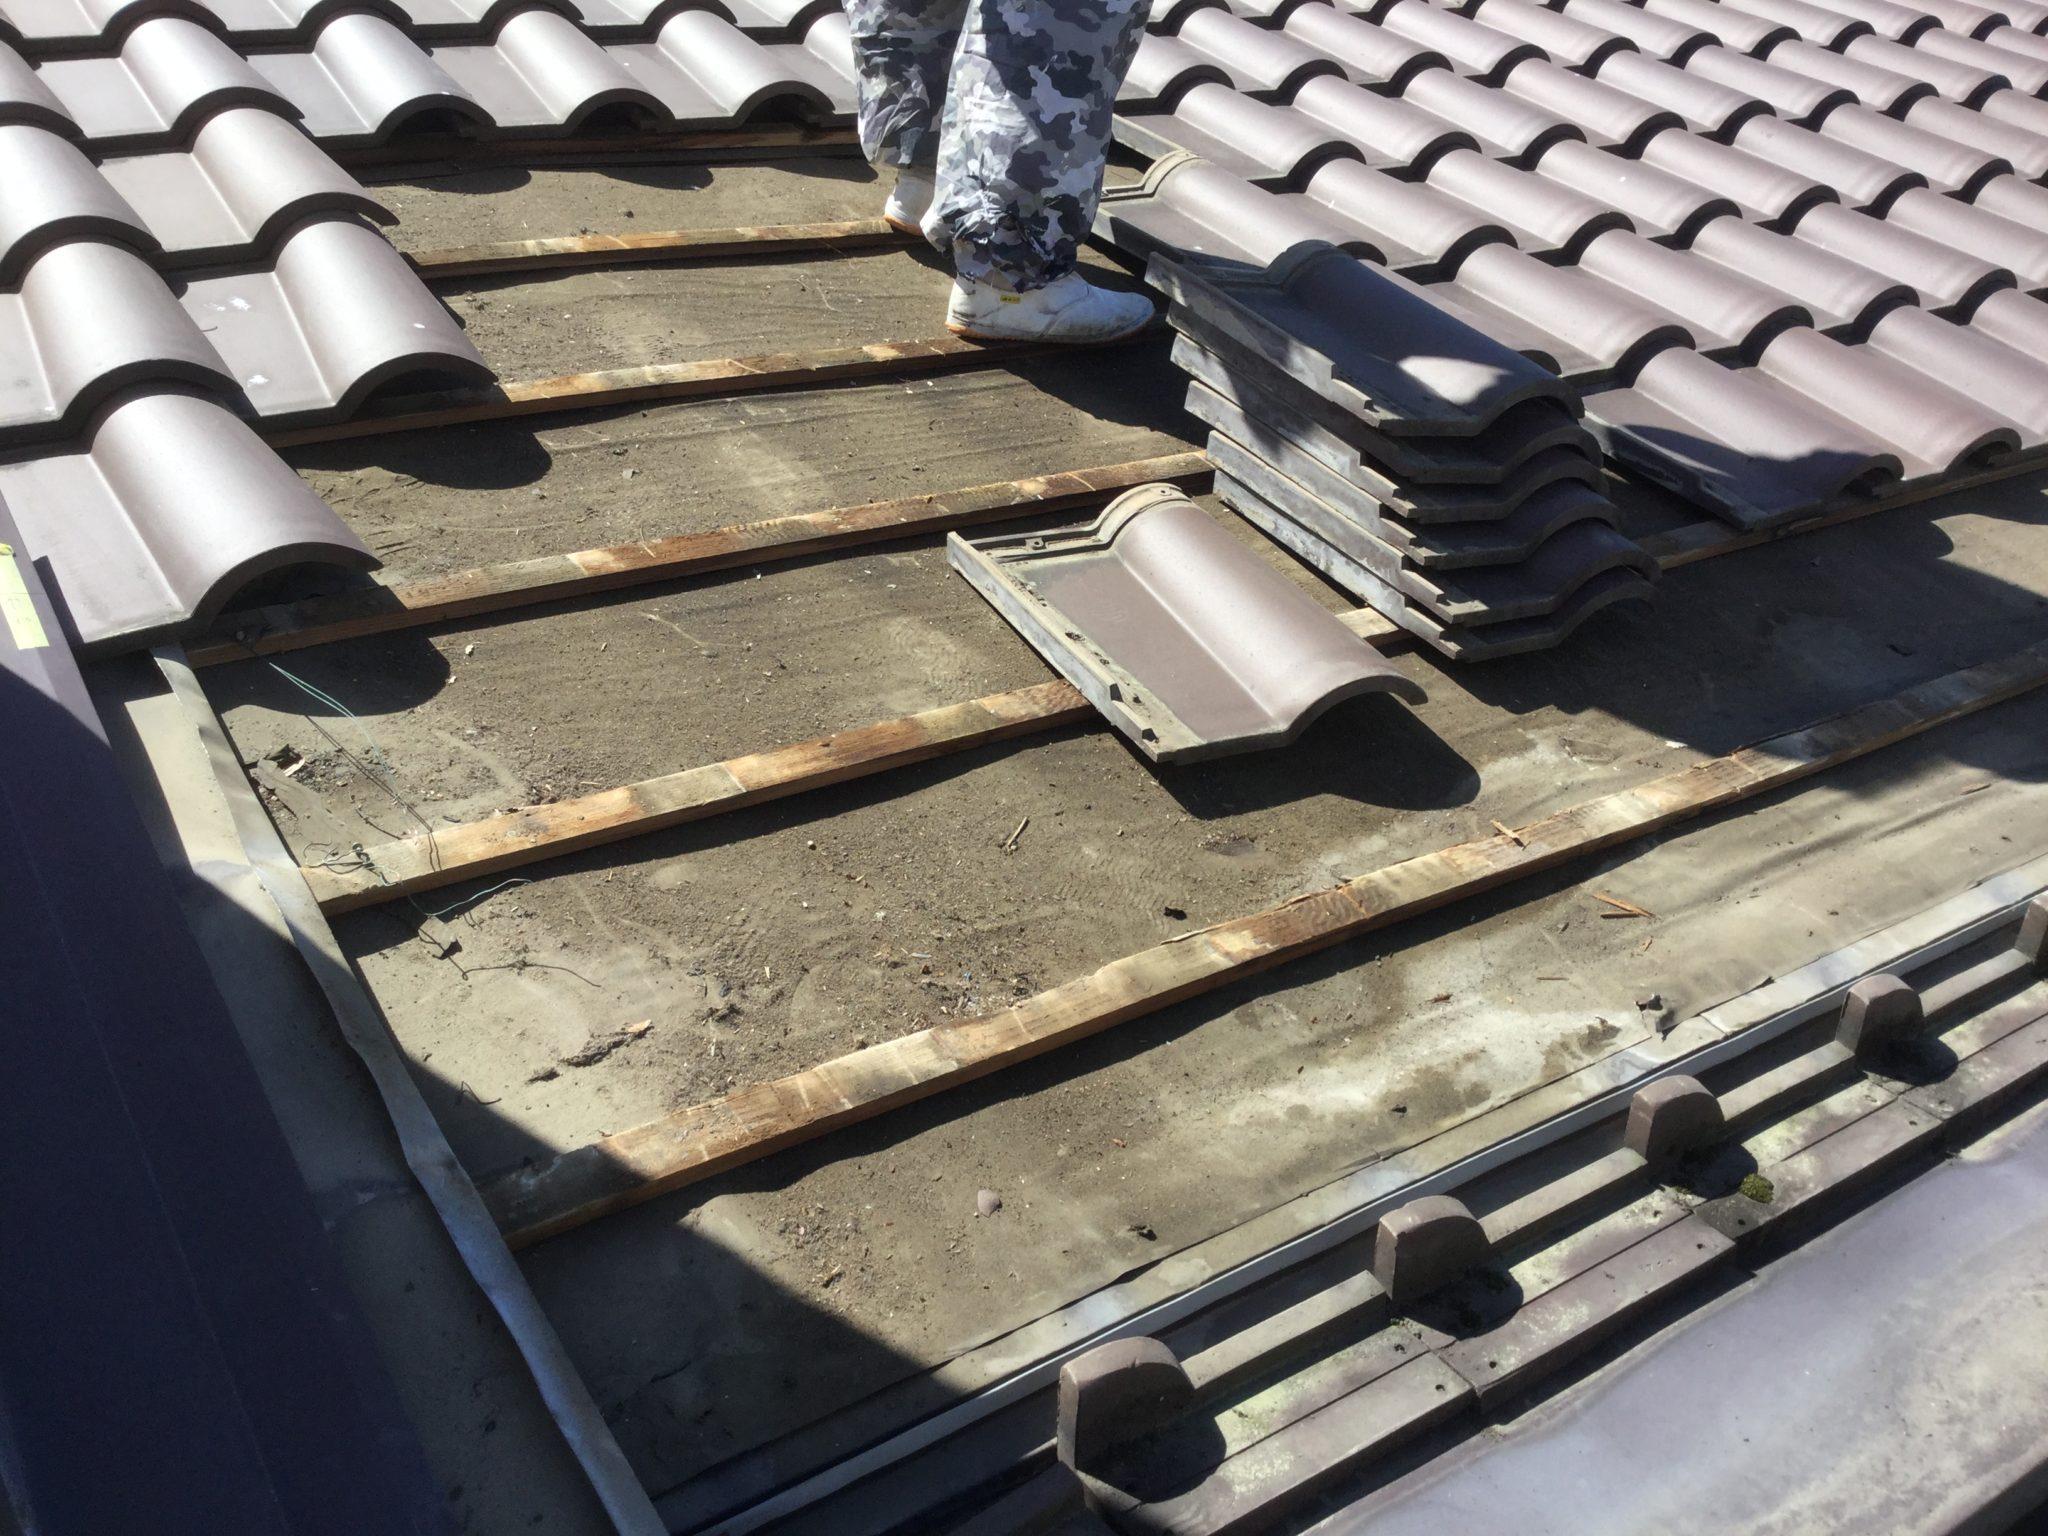 雨漏りしている部分の瓦を丁寧に剥がしていきます